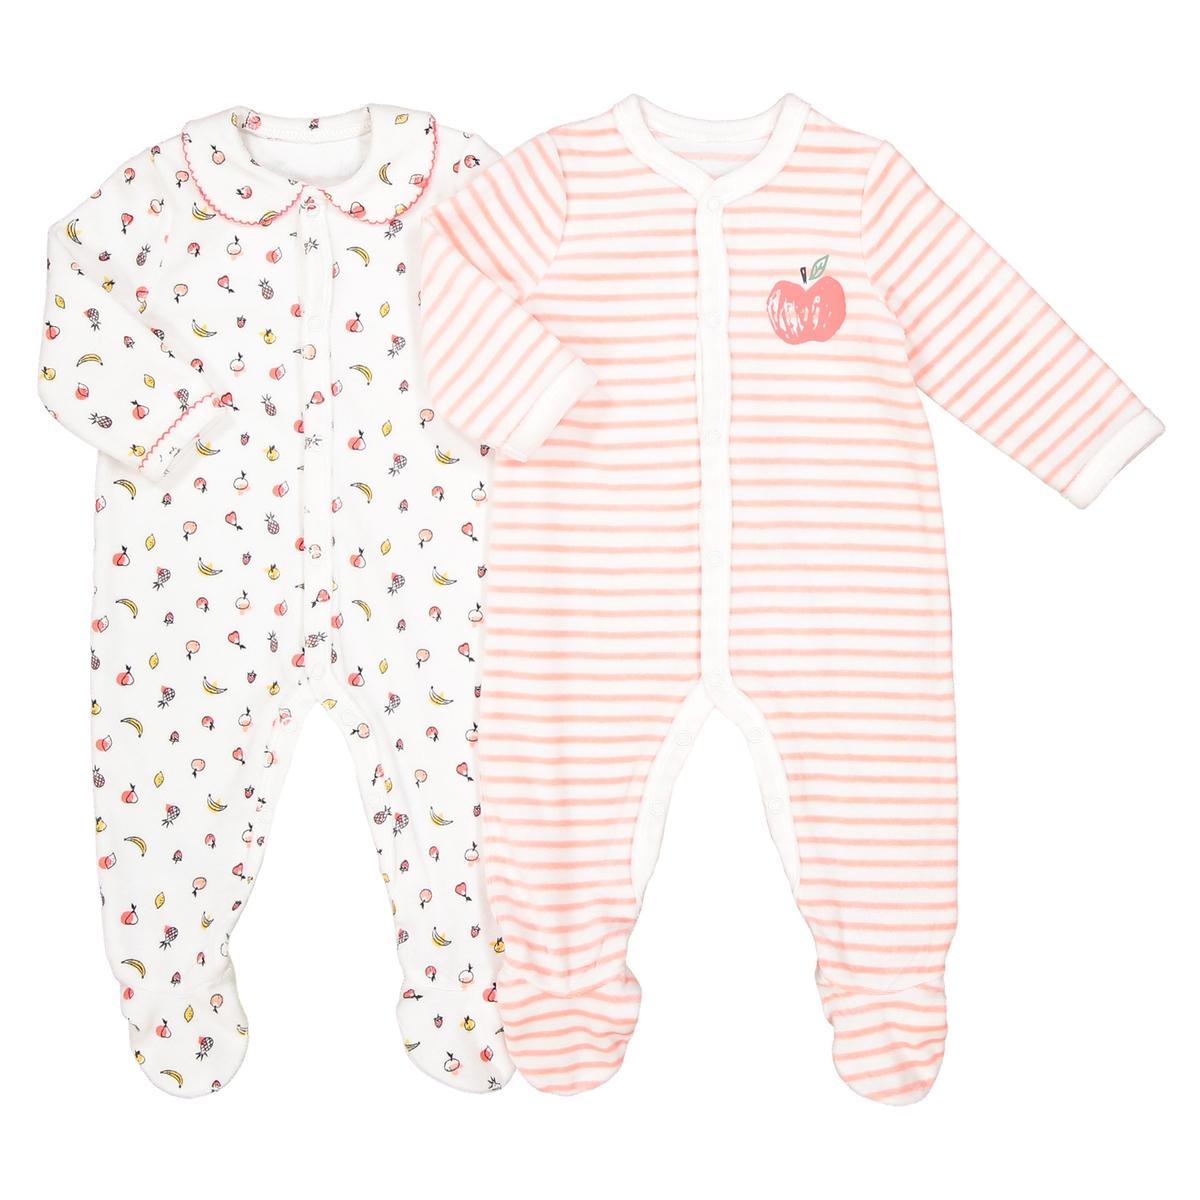 Комплект из 2 пижам из велюра, 0 мес. - 3 годаОписание:2 пижамы из очень мягкого велюра. Застежка спереди : очень удобно для переодевания малыша в первые месяцы жизни. Детали •  2 пижамы : 1 пижама с мелким рисунком + 1 пижама в полоску с рисунком Яблоко. •  Длинные рукава. •  Круглый вырез. •  Носки с противоскользящими элементами для размеров от 12 месяцев  (74 см).Состав и уход •  Материал : 75% хлопка, 25% полиэстера. •  Стирать при температуре 30° на деликатном режиме с вещами схожих цветов. •  Стирать и гладить с изнанки при низкой температуре. •  Деликатная сушка в машинке.Товарный знак Oeko-Tex® . Знак Oeko-Tex® гарантирует, что товары прошли проверку и были изготовлены без применения вредных для здоровья человека веществ.<br><br>Цвет: оранжевый + экрю<br>Размер: 18 мес. - 81 см.2 года - 86 см.6 мес. - 67 см.3 мес. - 60 см.0 мес. - 50 см.1 мес. - 54 см.9 мес. - 71 см.рожденные раньше срока